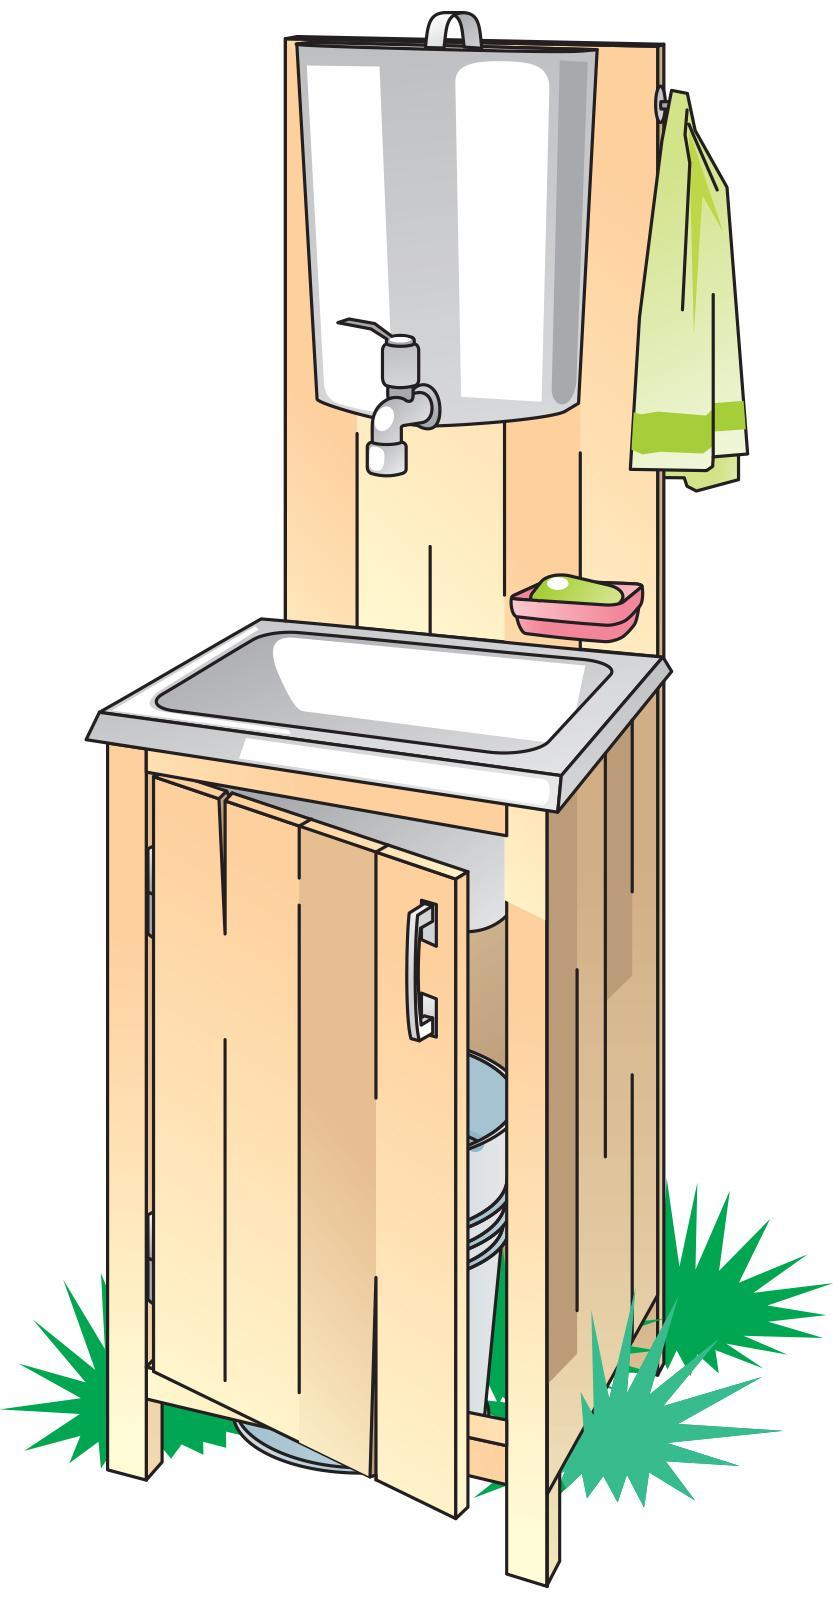 Hygiene - Handwashing station  - 00A - Kyrgyz Republic